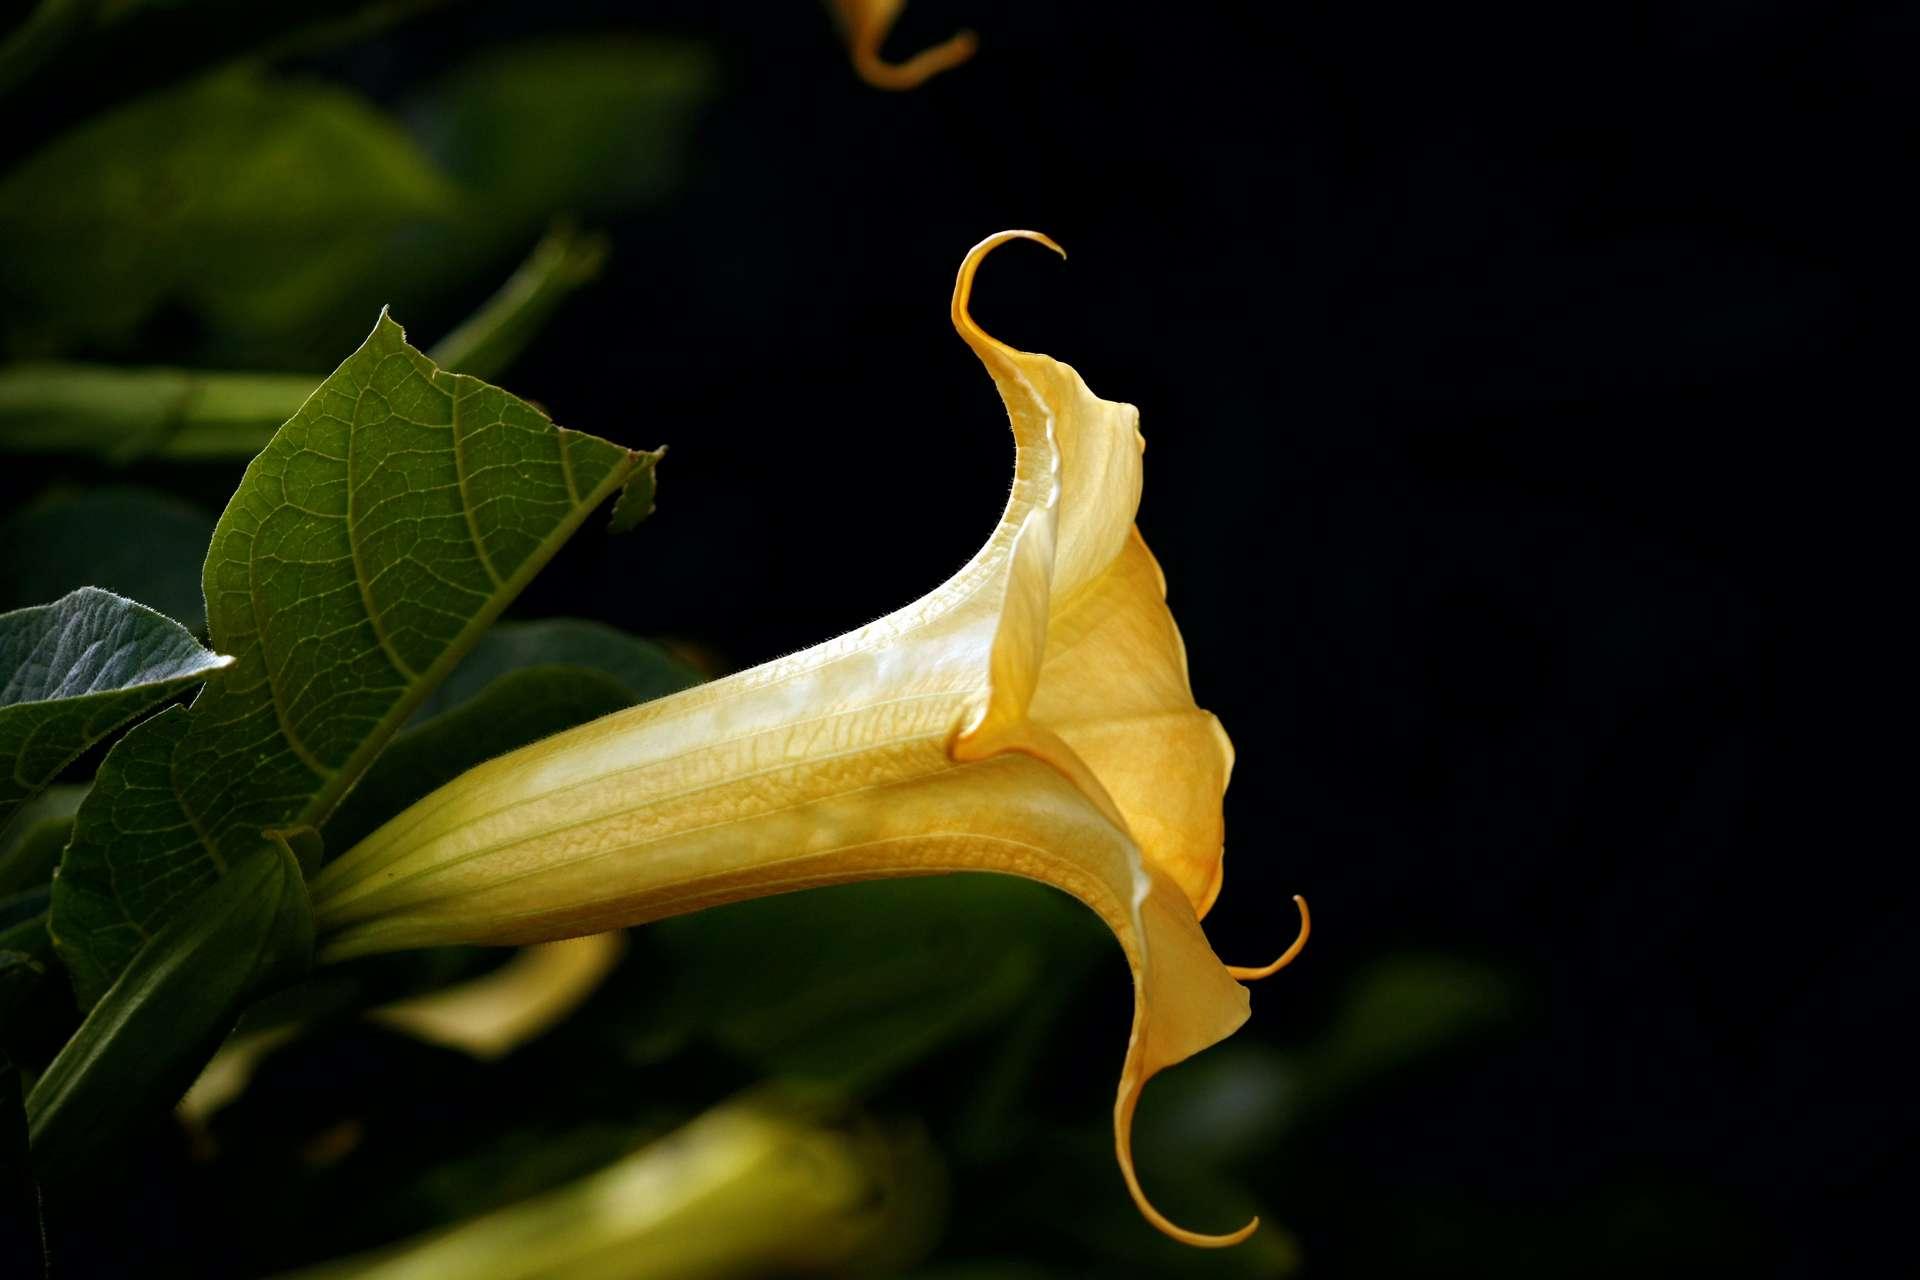 Une magnifique et dangereuse fleur de Burgmansia. © Mauro Rodrigues, Adobe Stock